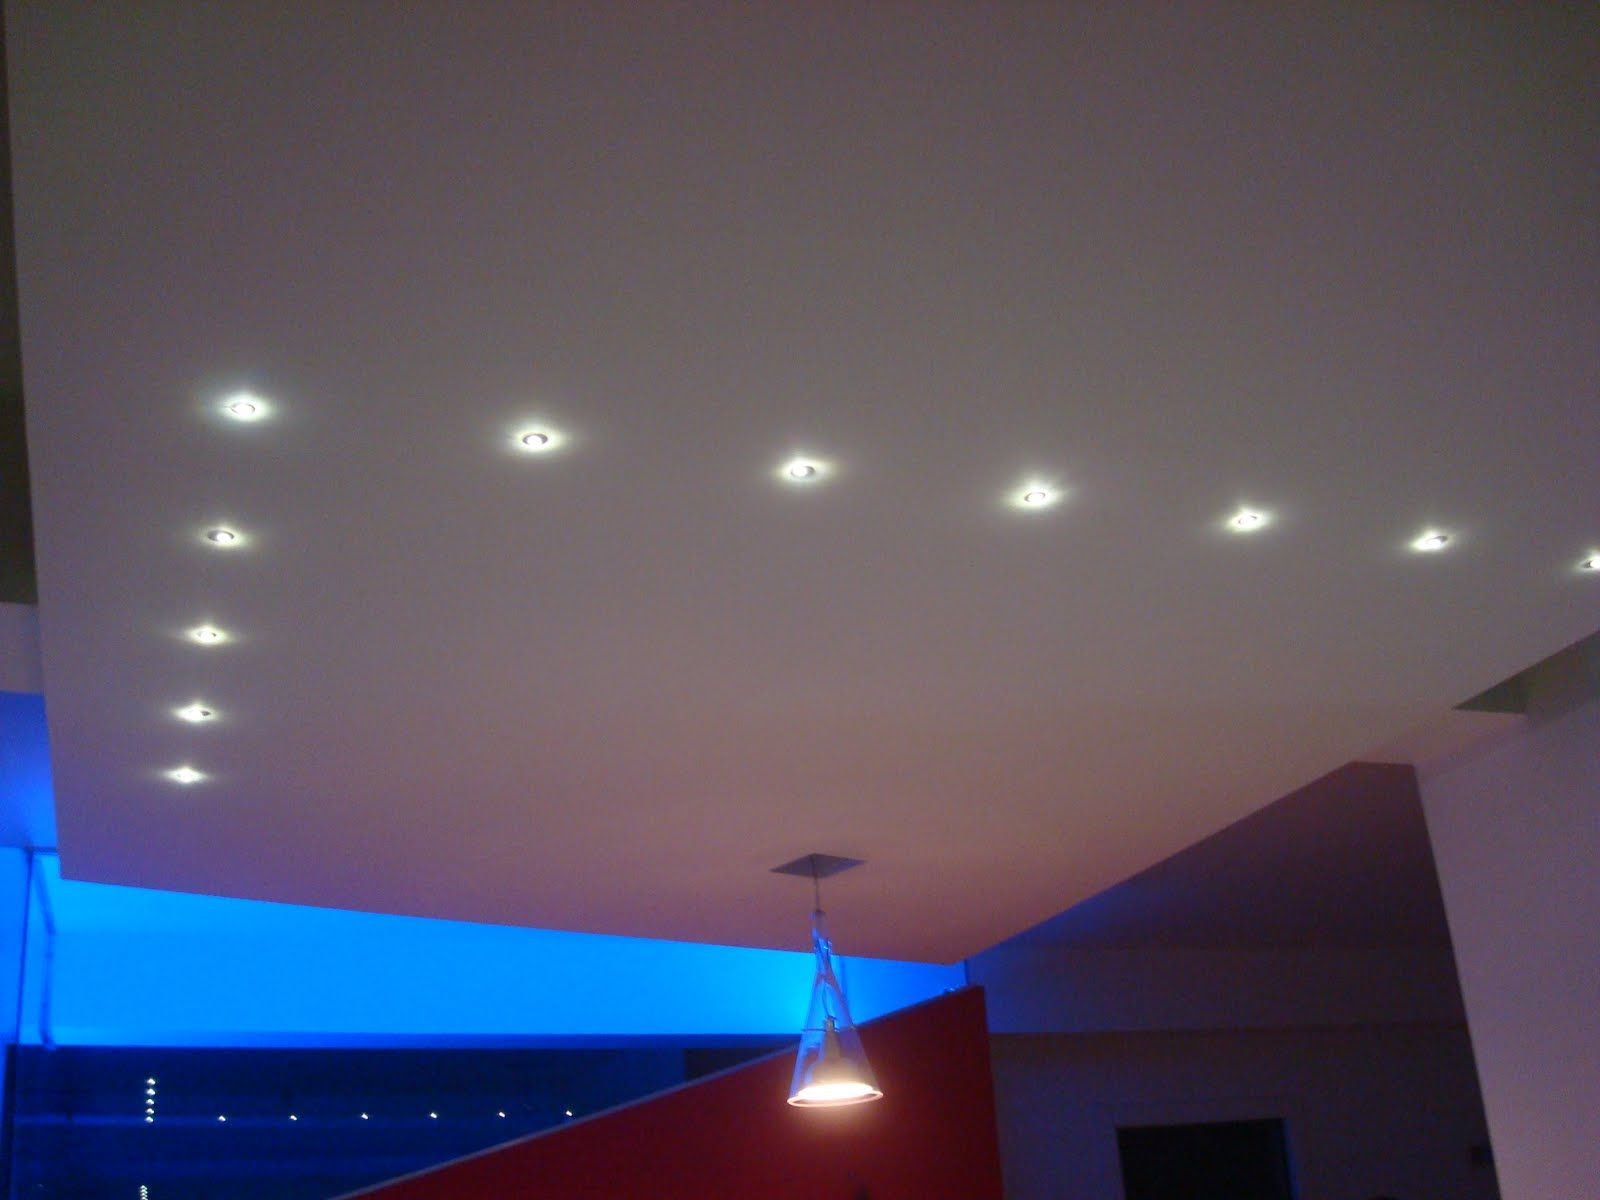 un soffitto illuminato con faretti led a incasso bianchi  faretti led  Pint...